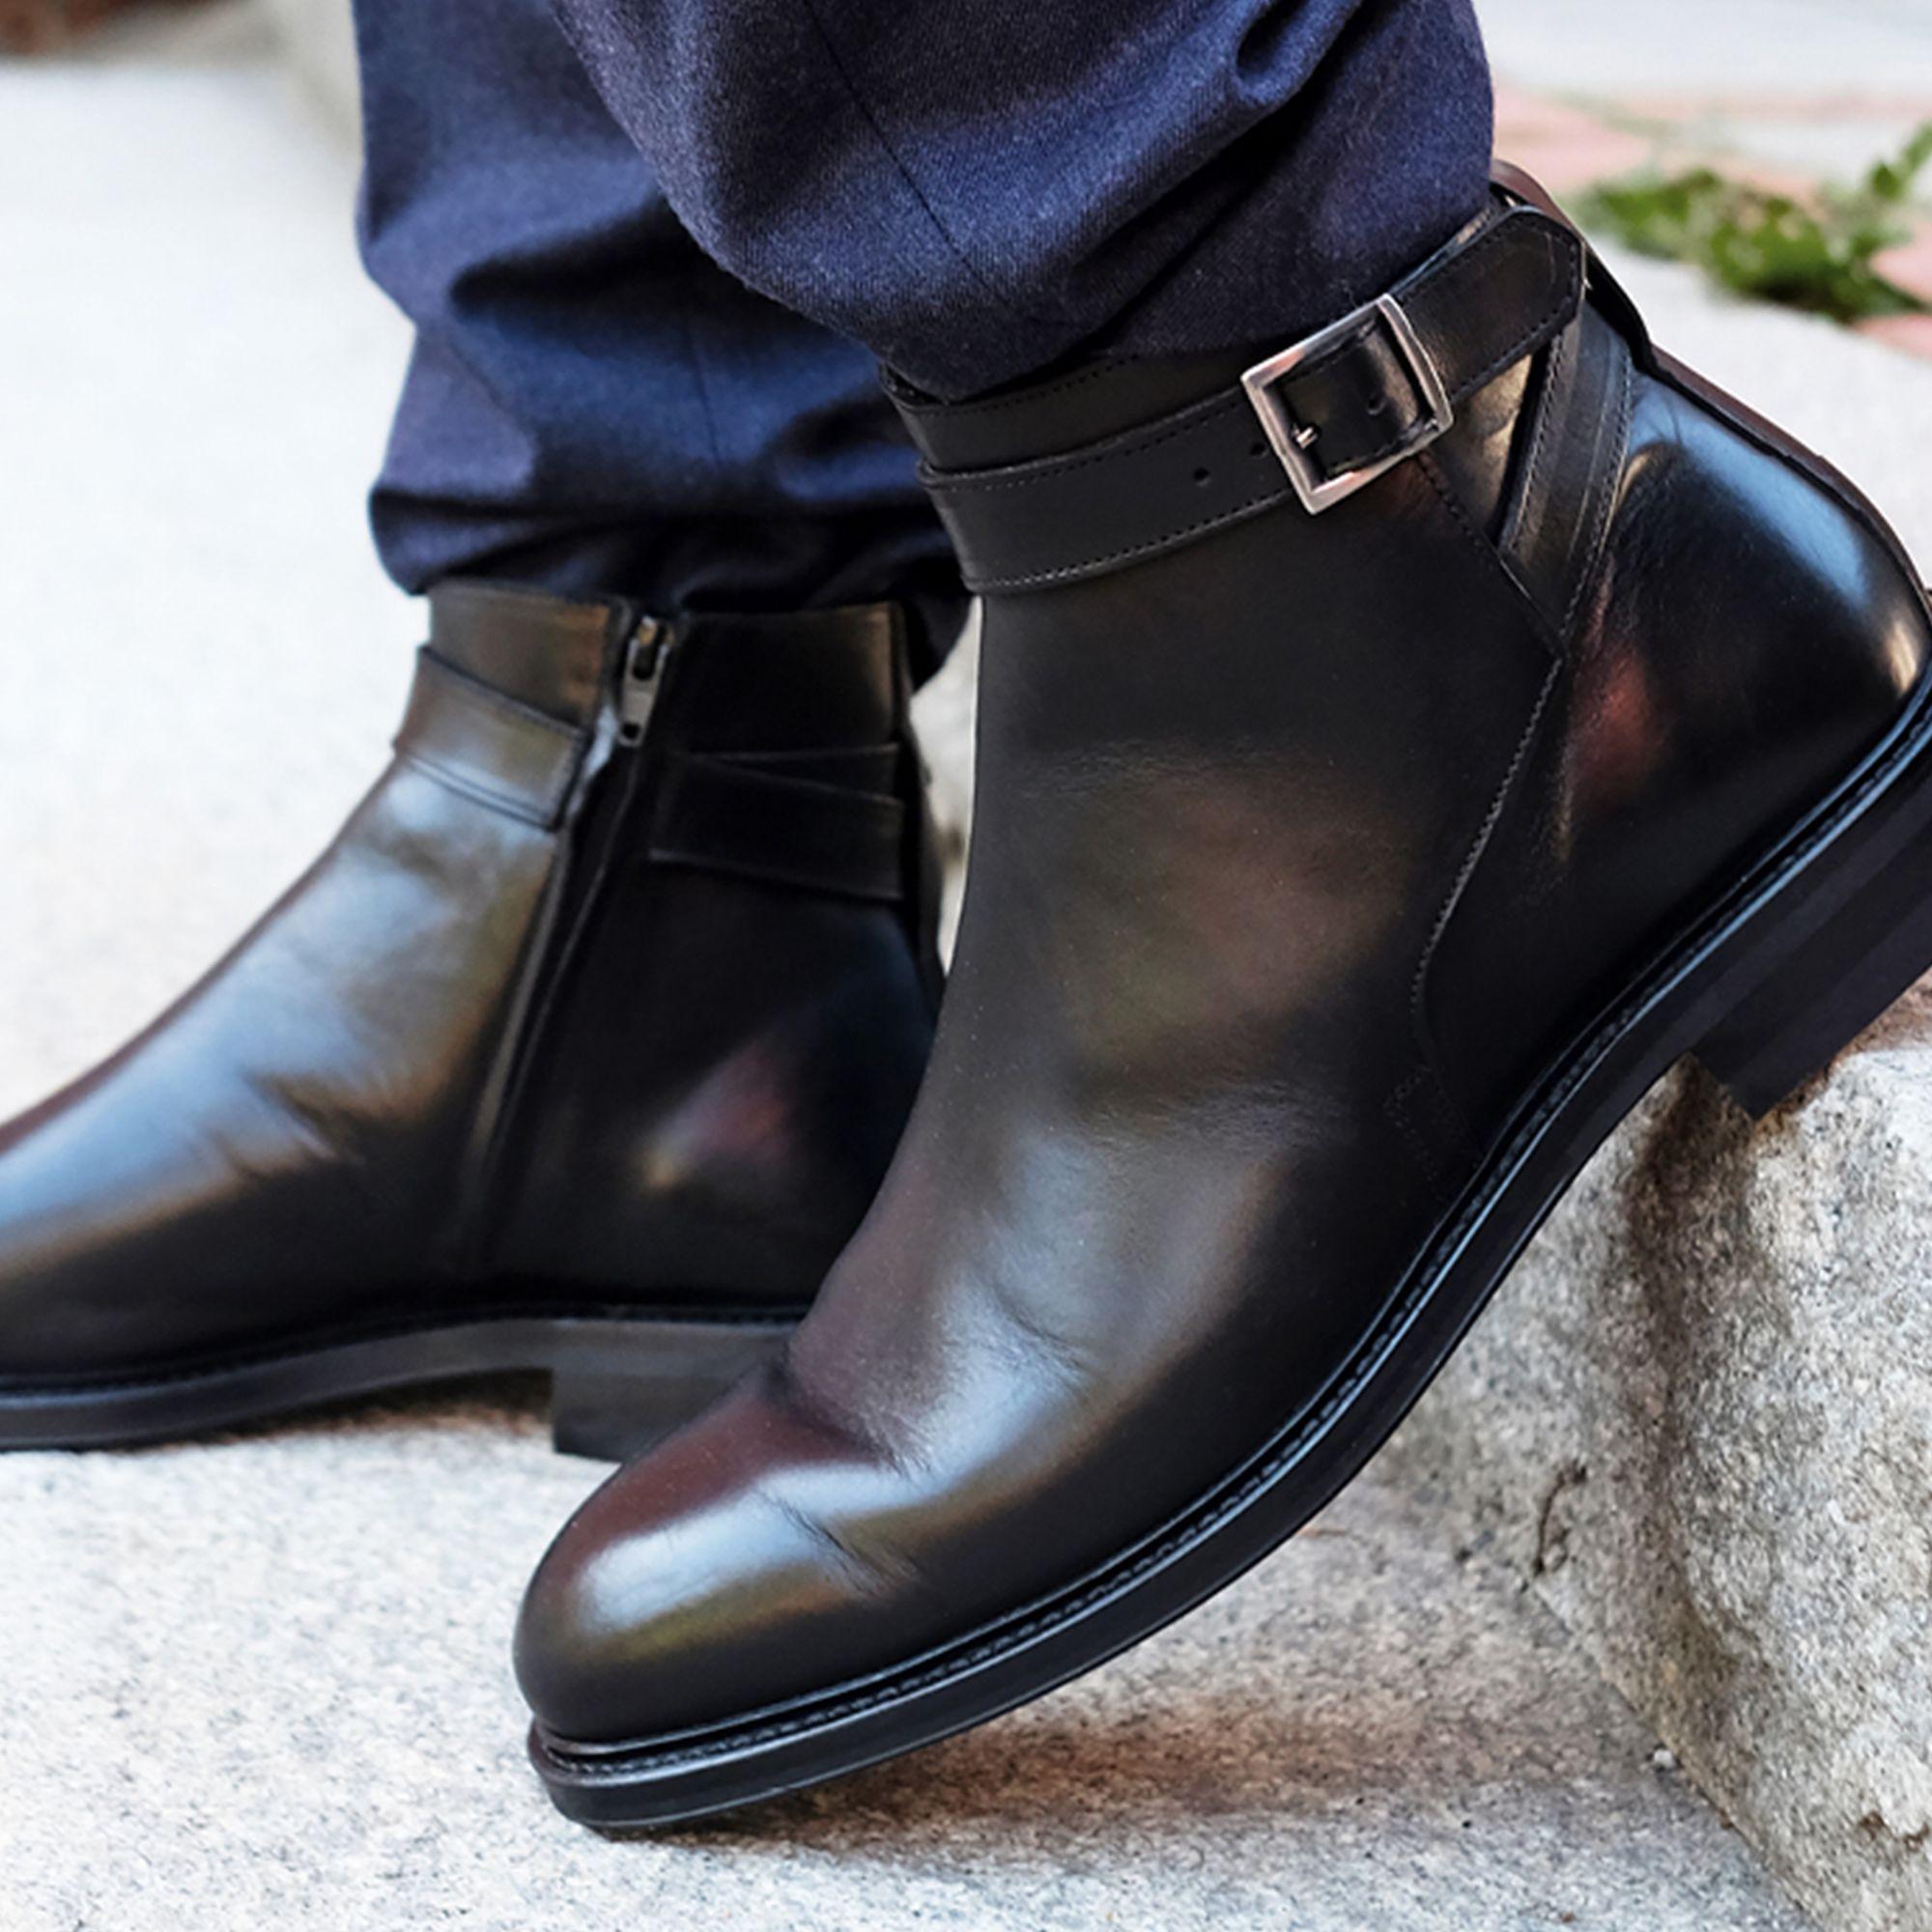 0e571de46a1 atp atelier gillian boots • by c finns på PricePi.com.